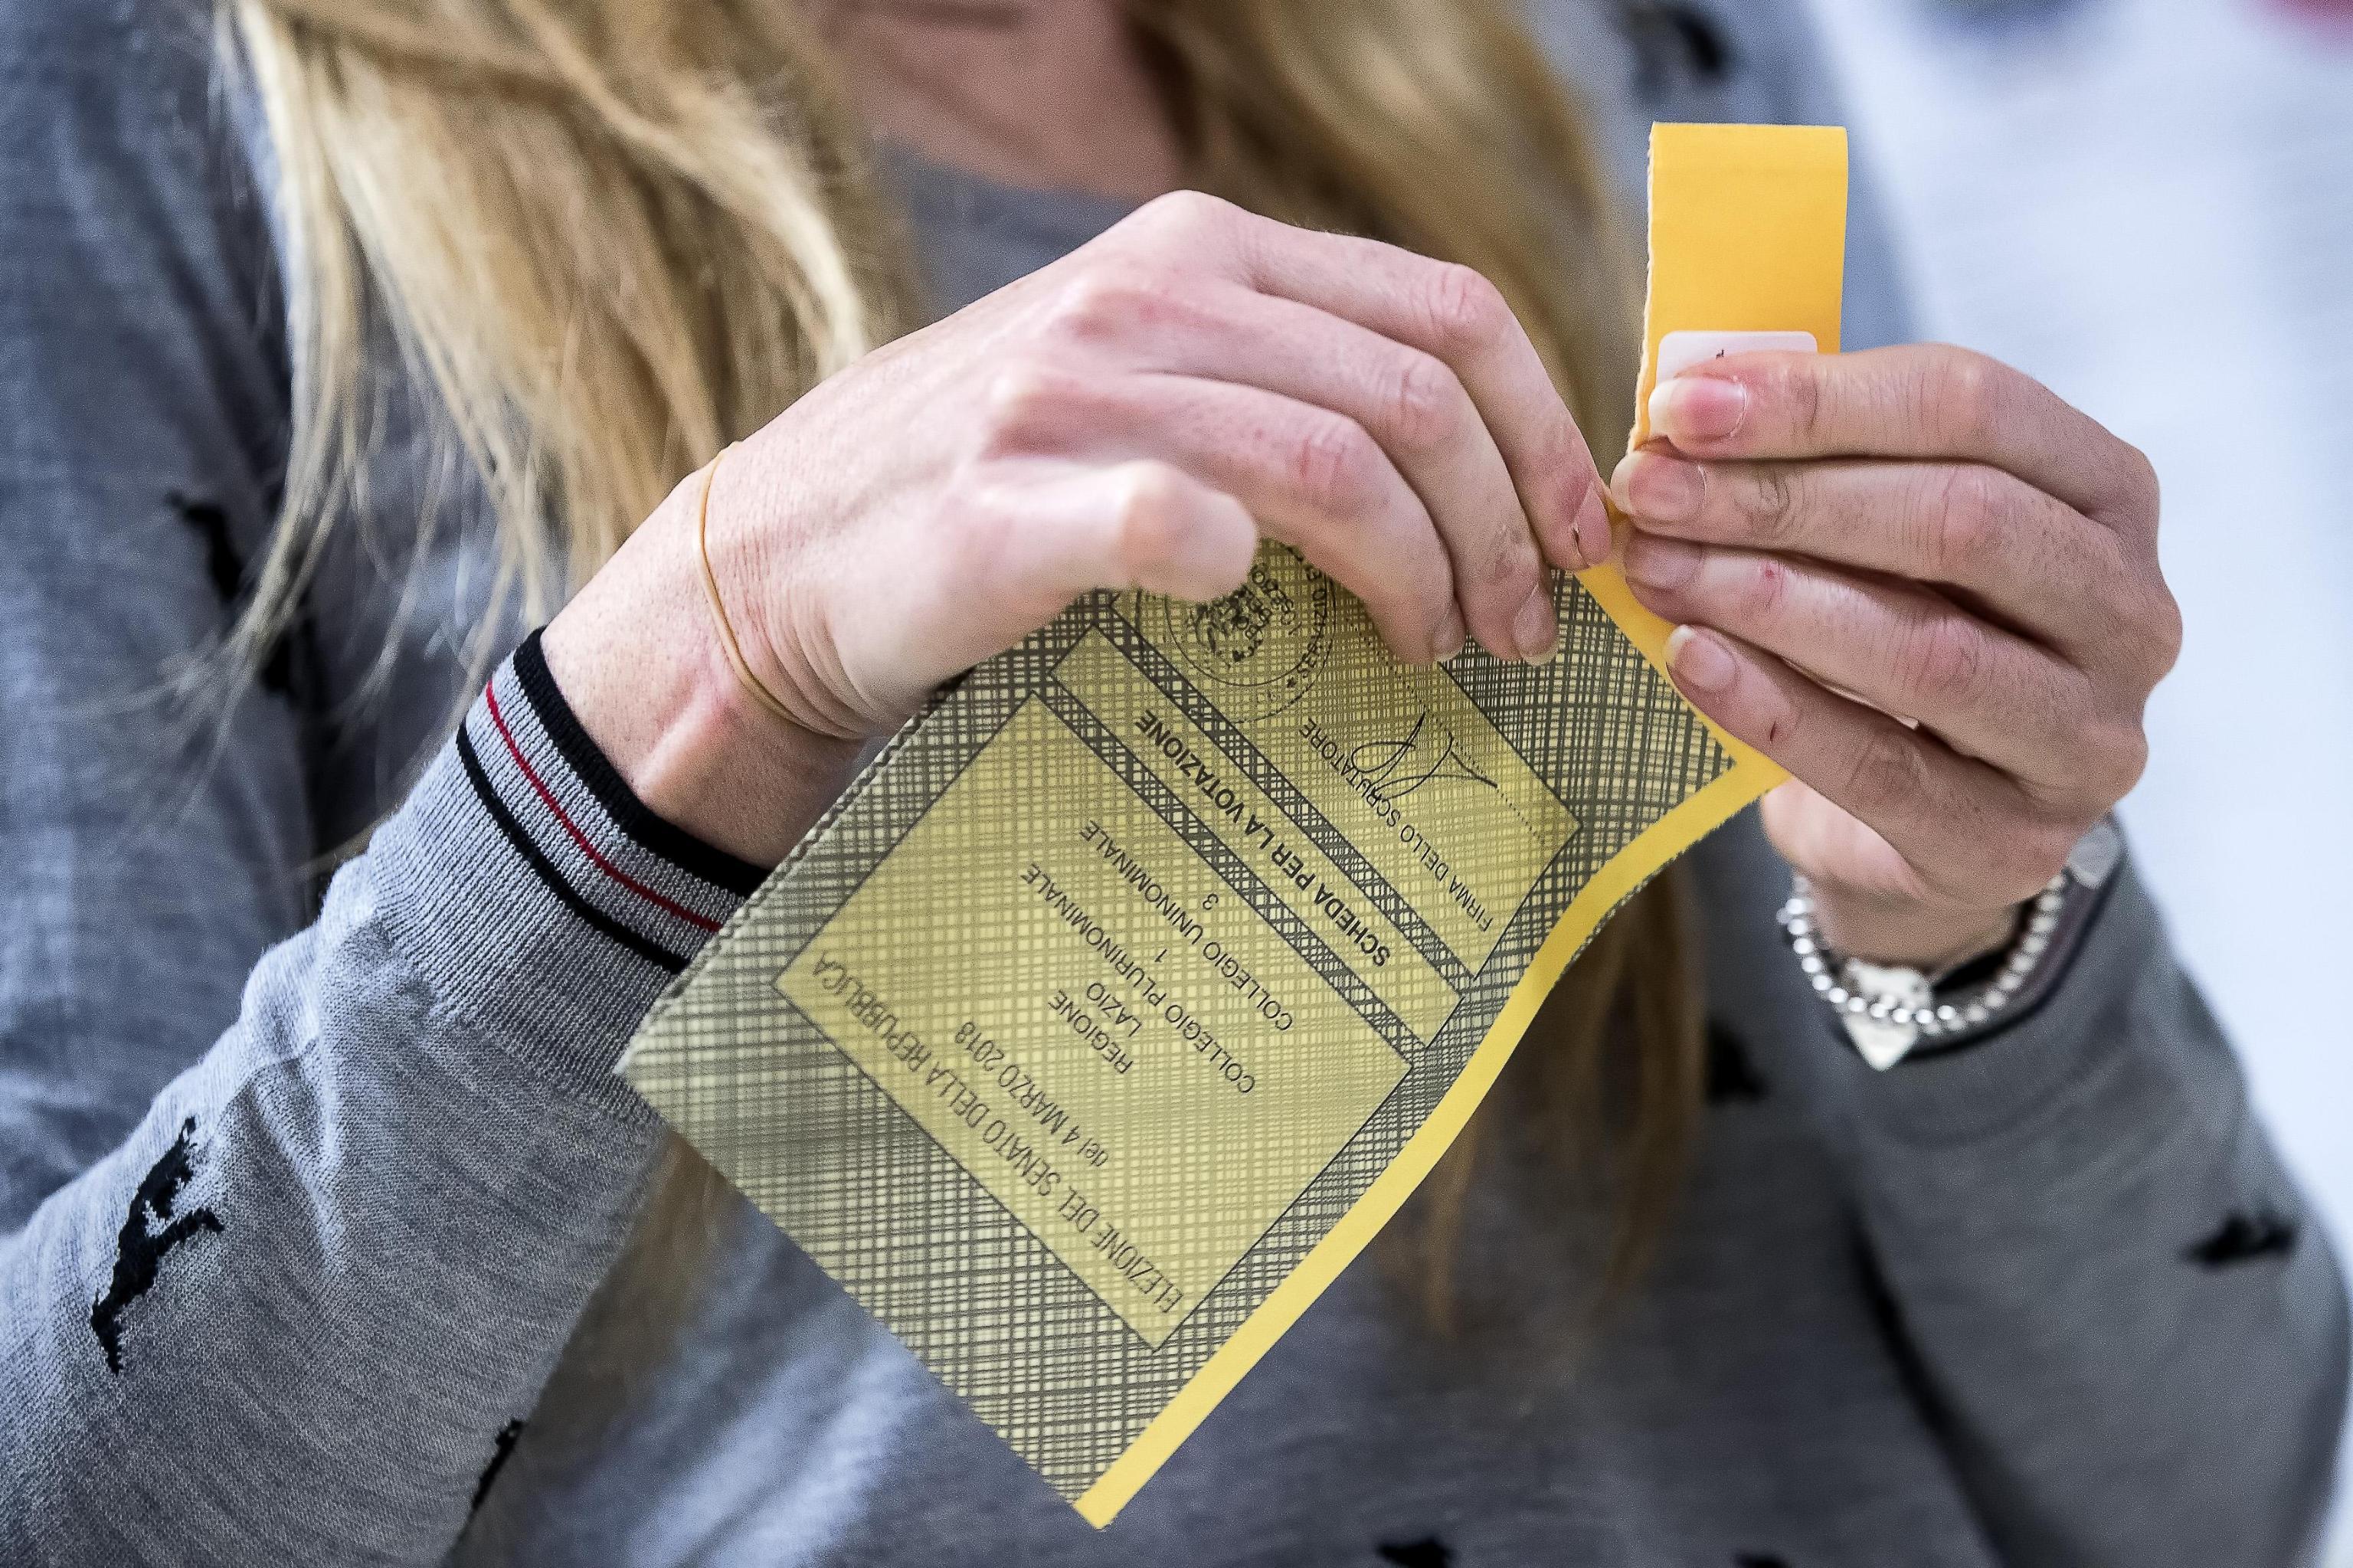 Elezioni politiche 2018, chiuse le urne: affluenza definitiva del 73%